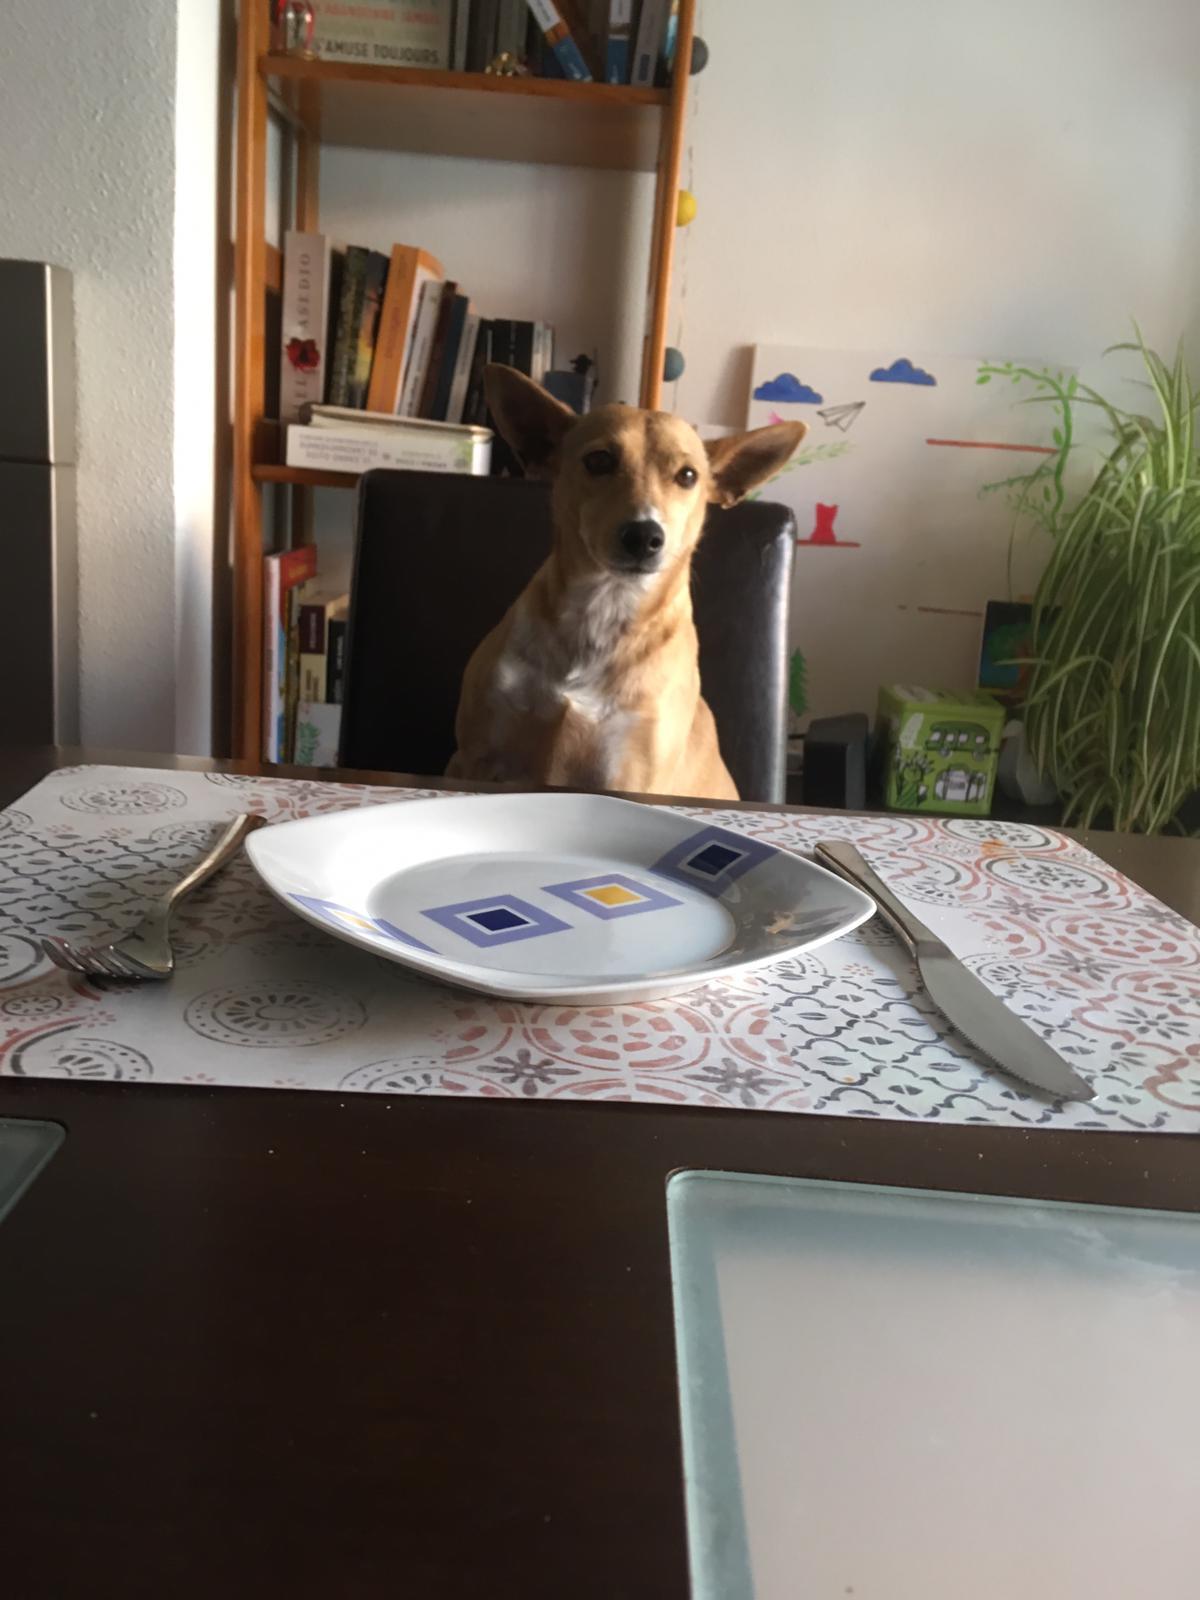 Dieta BARF: si o no?